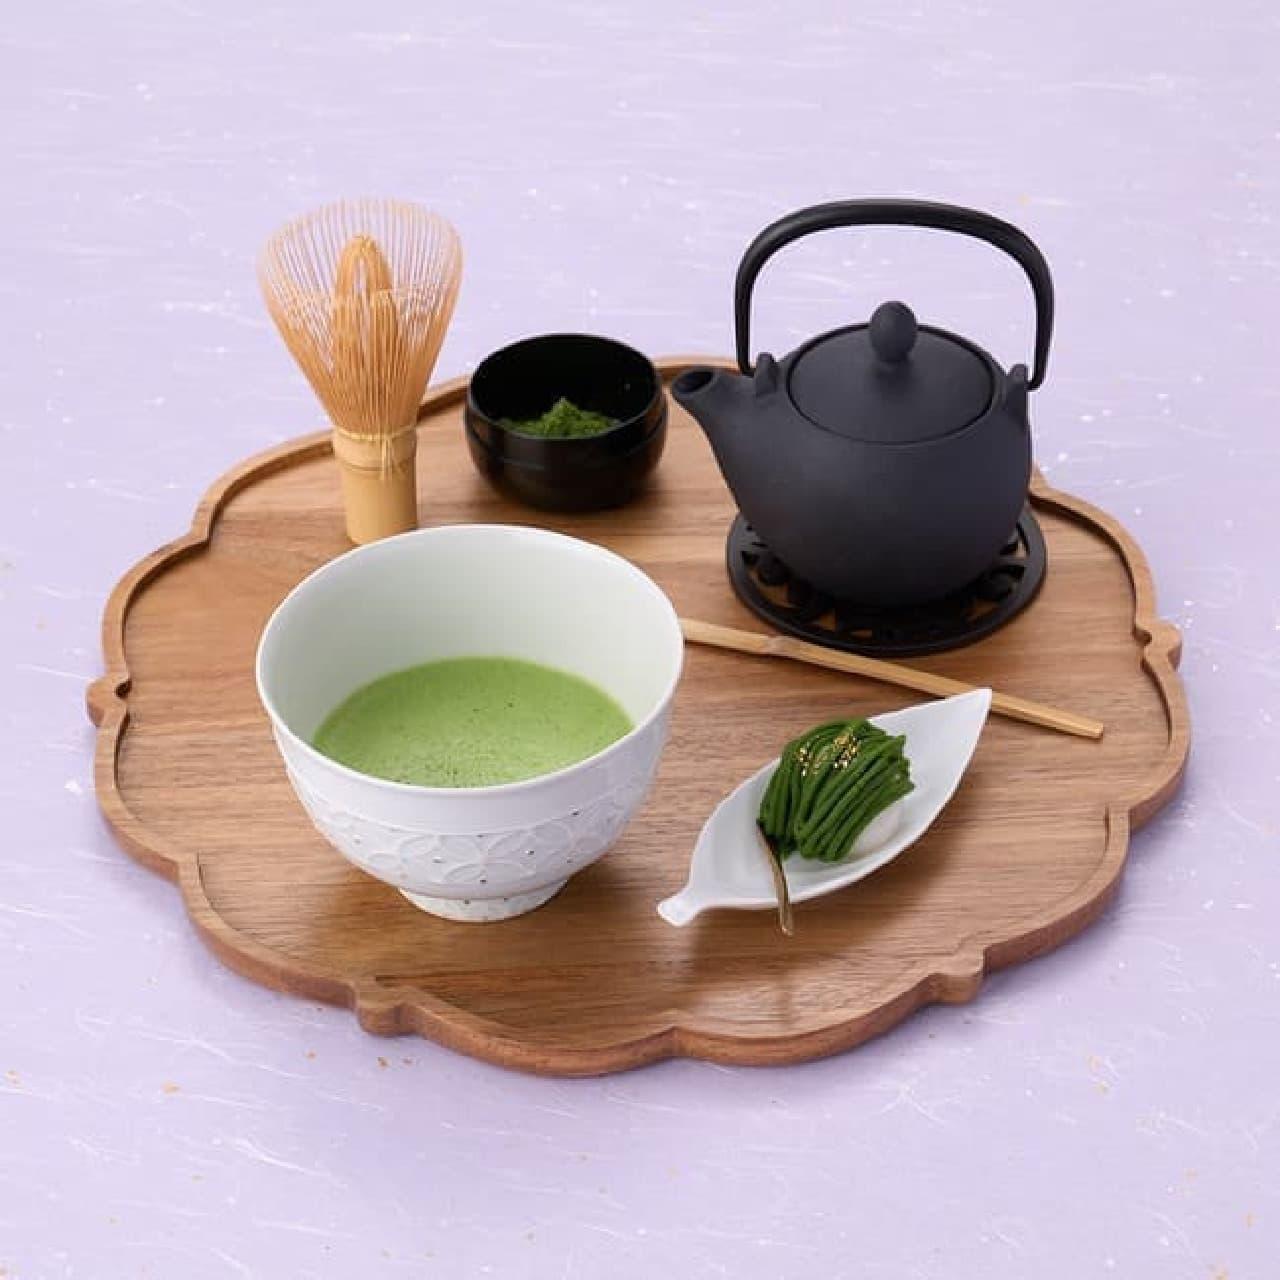 祇園辻利「極上の抹茶を嗜む茶器セット」こだわりの抹茶椀&最上級抹茶「建都の昔」